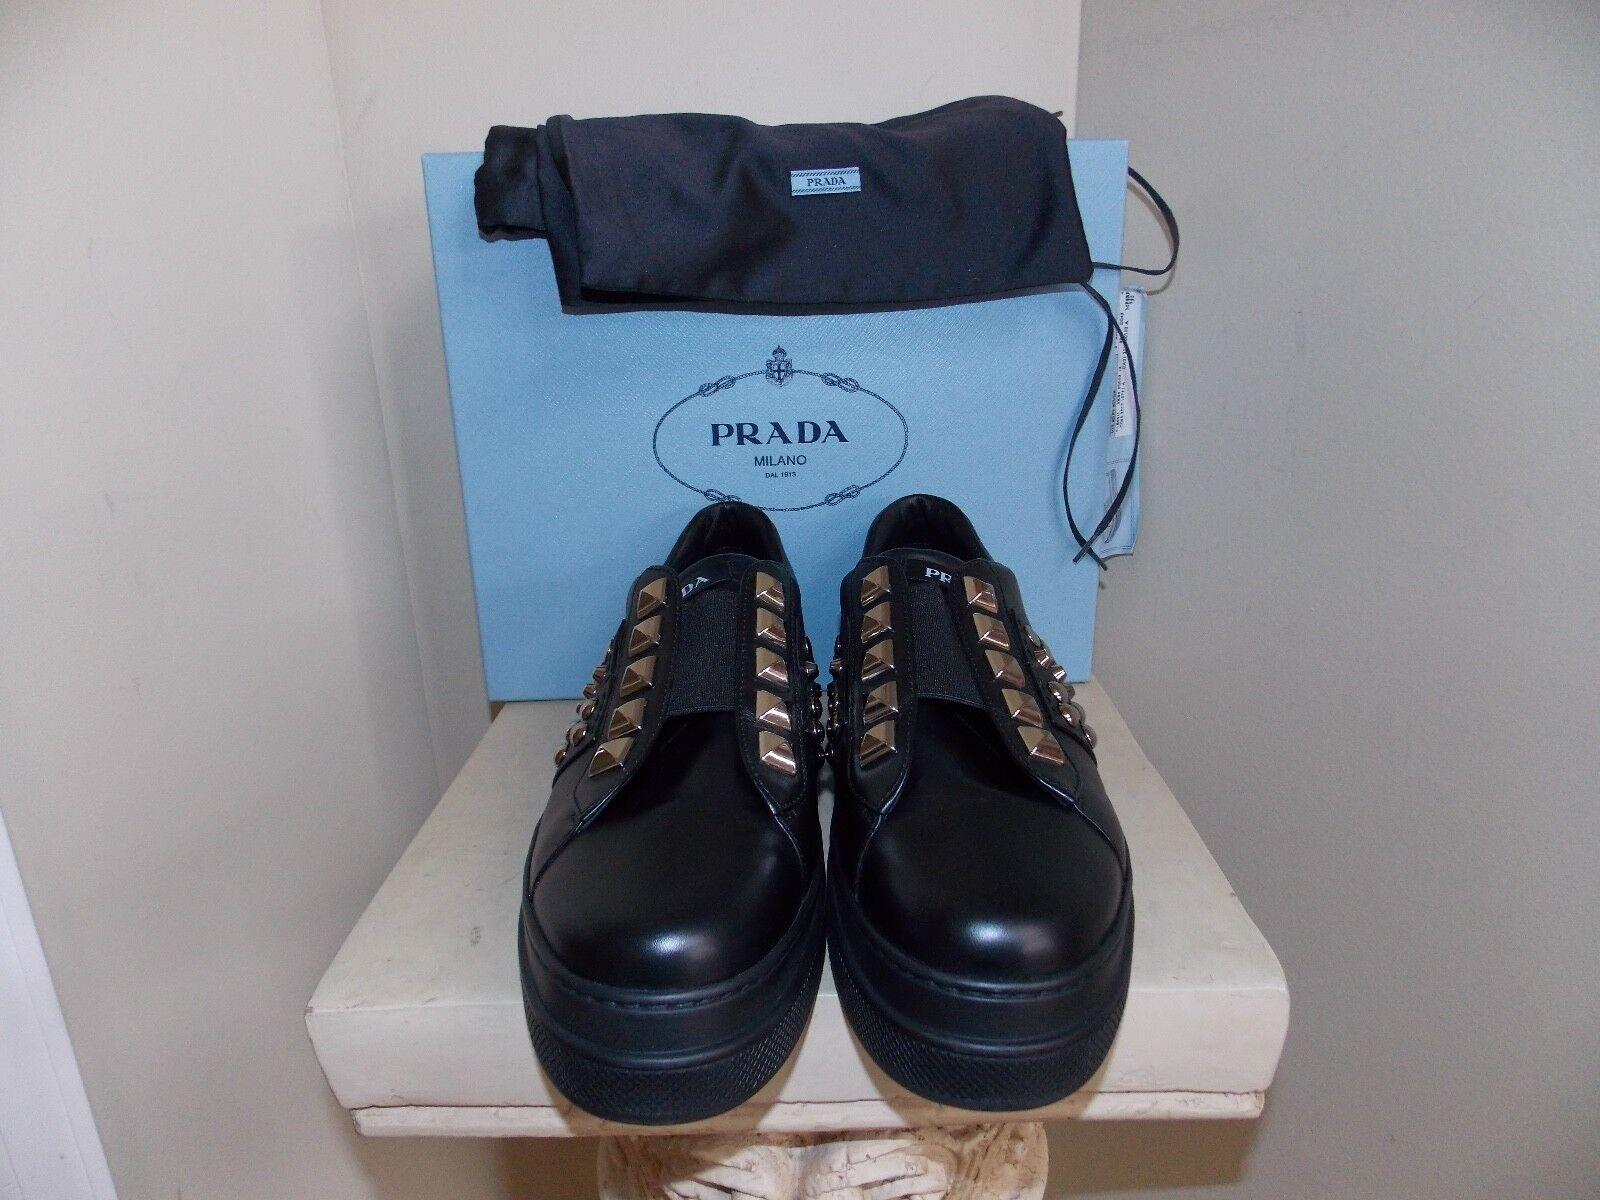 Para Mujeres Nuevo en Caja Negra Prada extrema mujer mujer mujer Tachonado Resbalón en Zapatillas Talla 39.5 (9.5)  Envío rápido y el mejor servicio